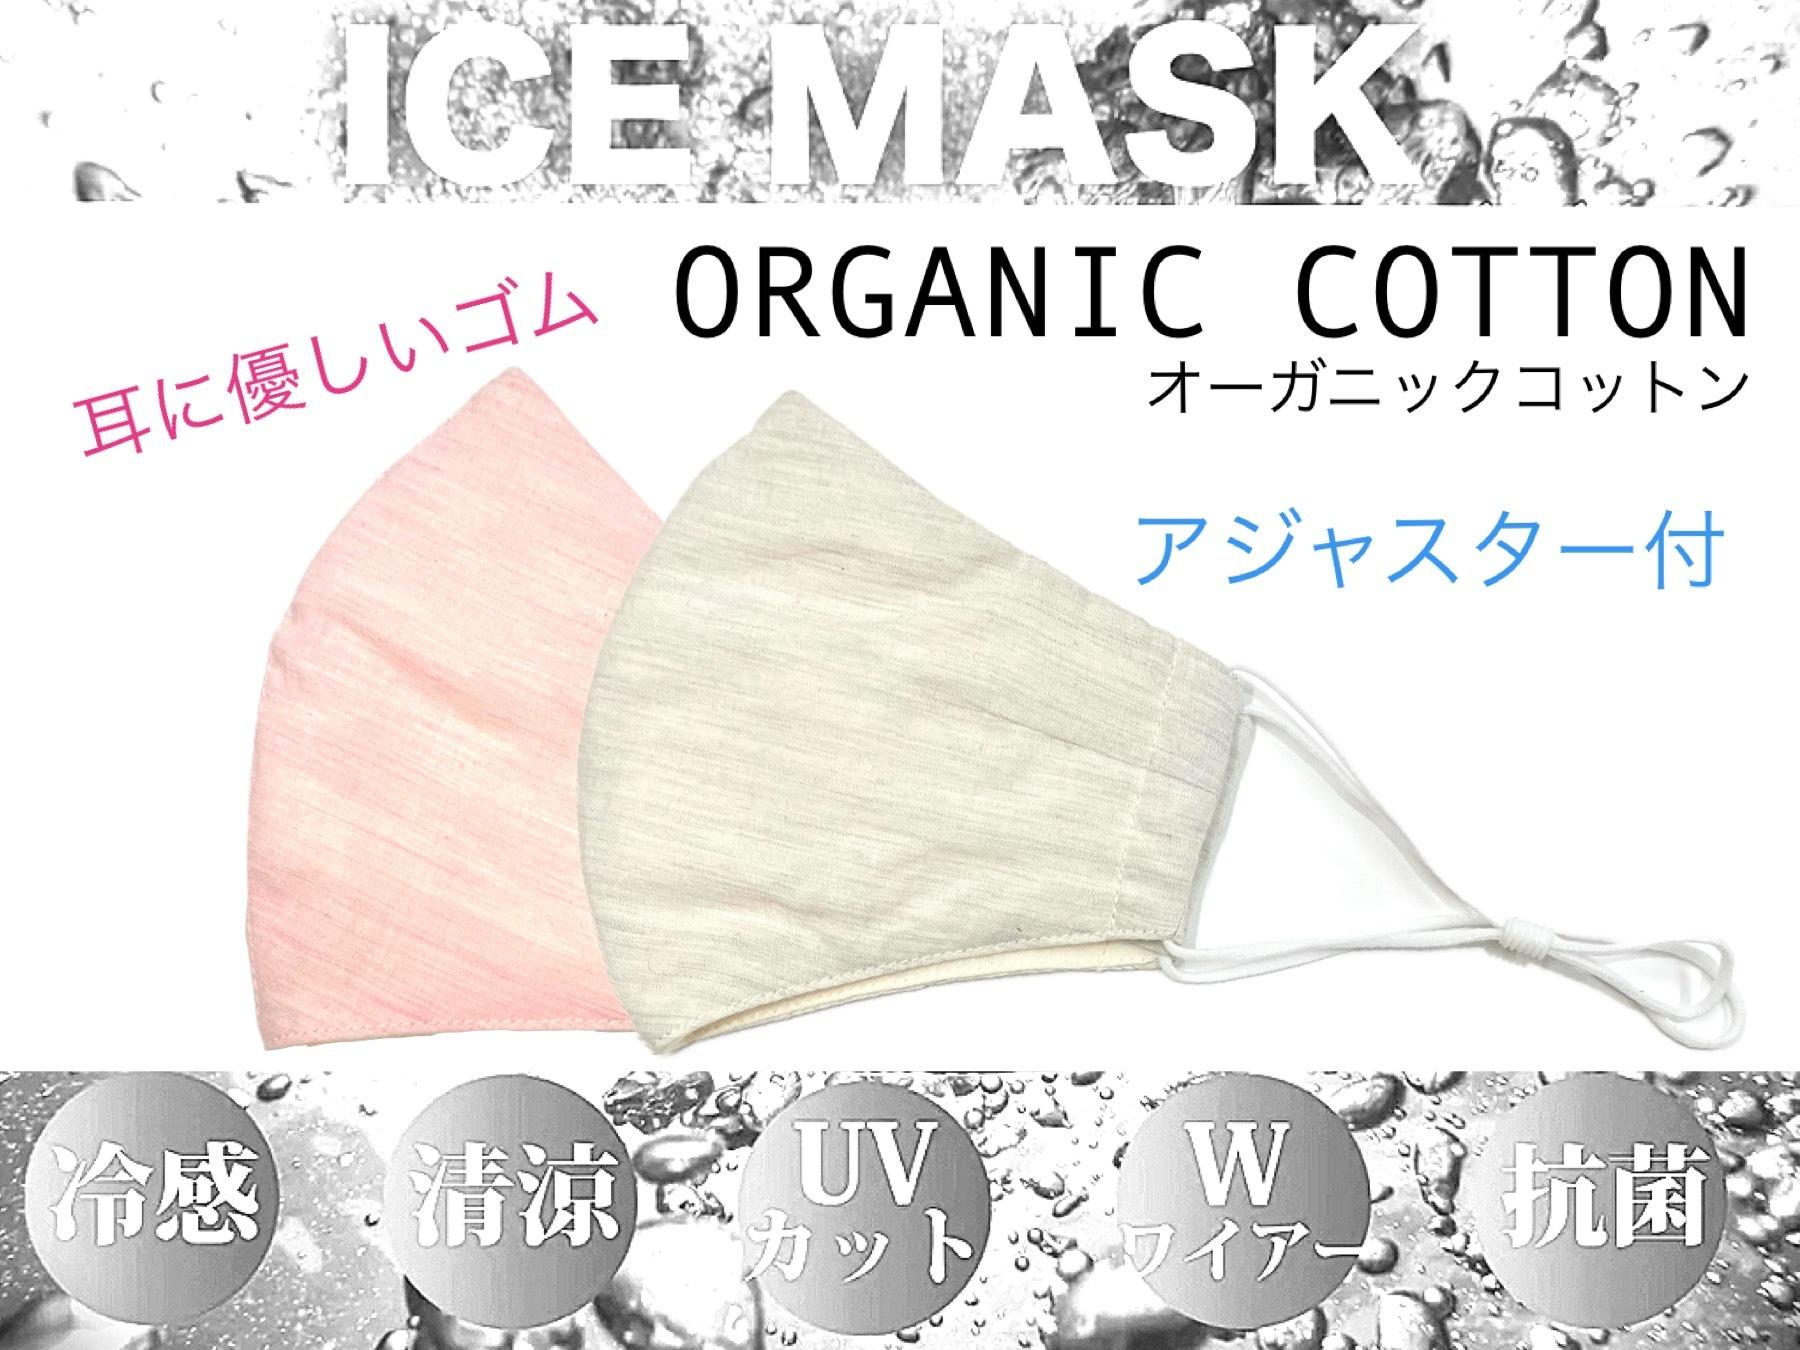 大人気ICE MASKシリーズより、地球に優しいオーガニックコットンマスクが新登場!!